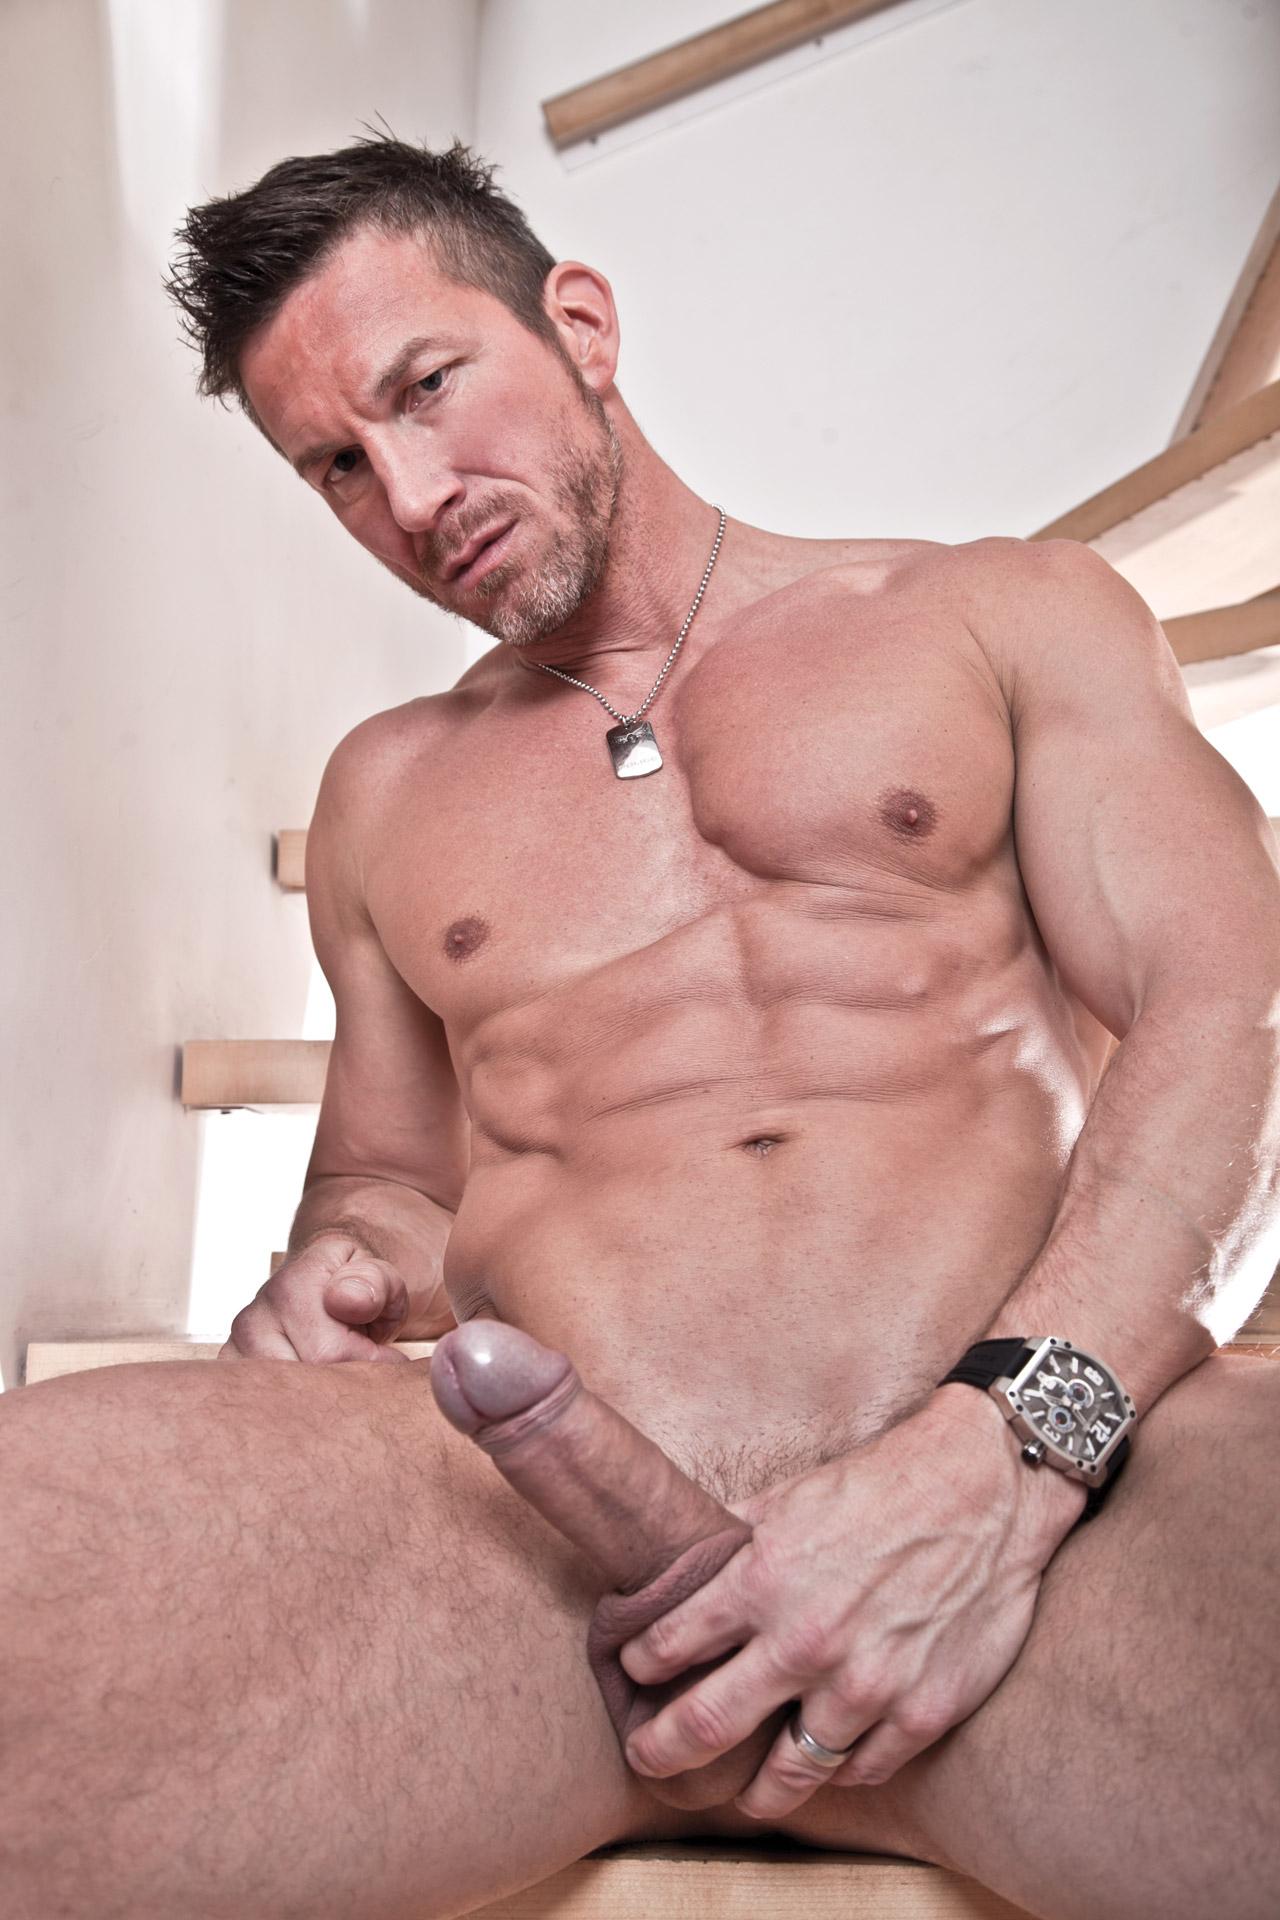 paul martin gay